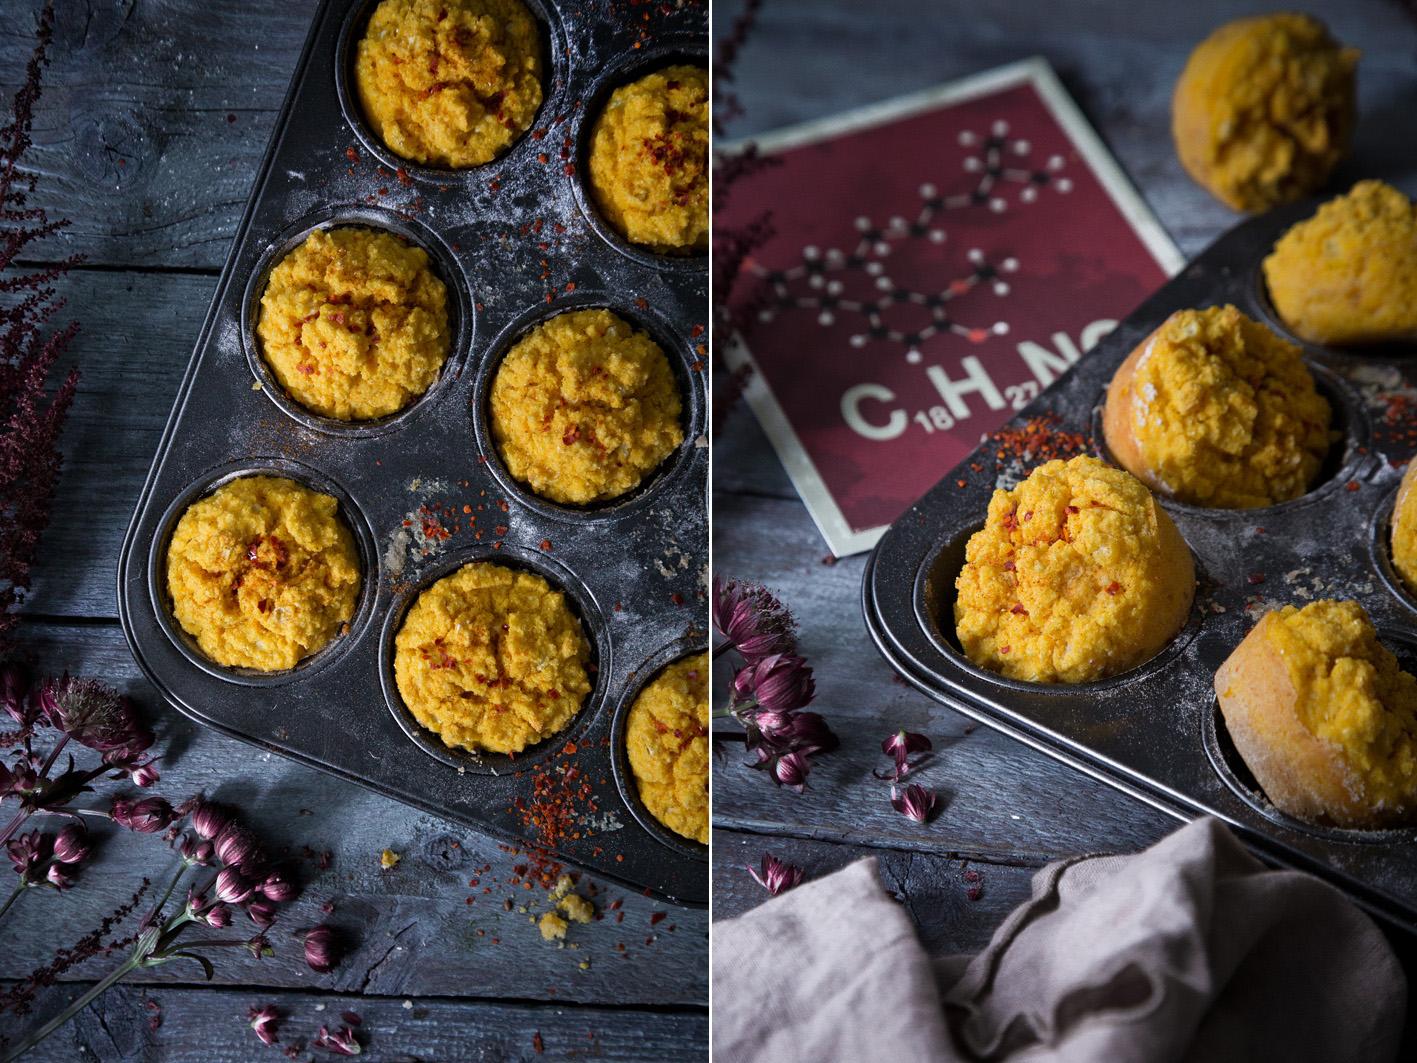 Süßkartoffel-Mais-Muffins mit Chili